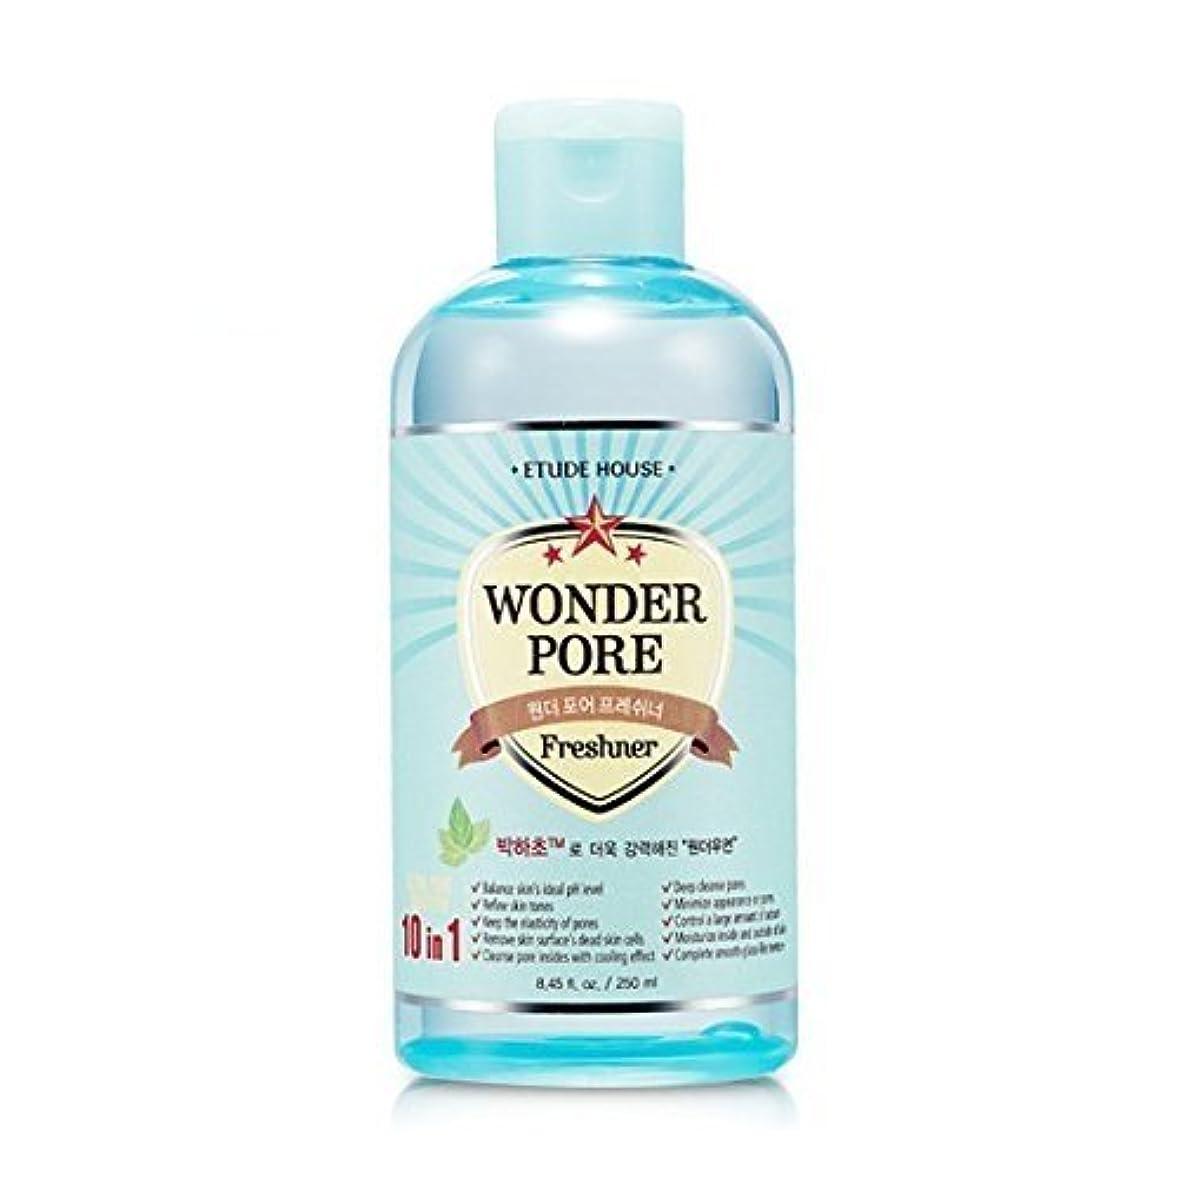 グレーフロントプレゼンターエチュードハウス ワンダー?ポア?フレッシュナー 化粧水 (500ml) / ETUDE HOUSE Wonder Pore Freshner [並行輸入品]